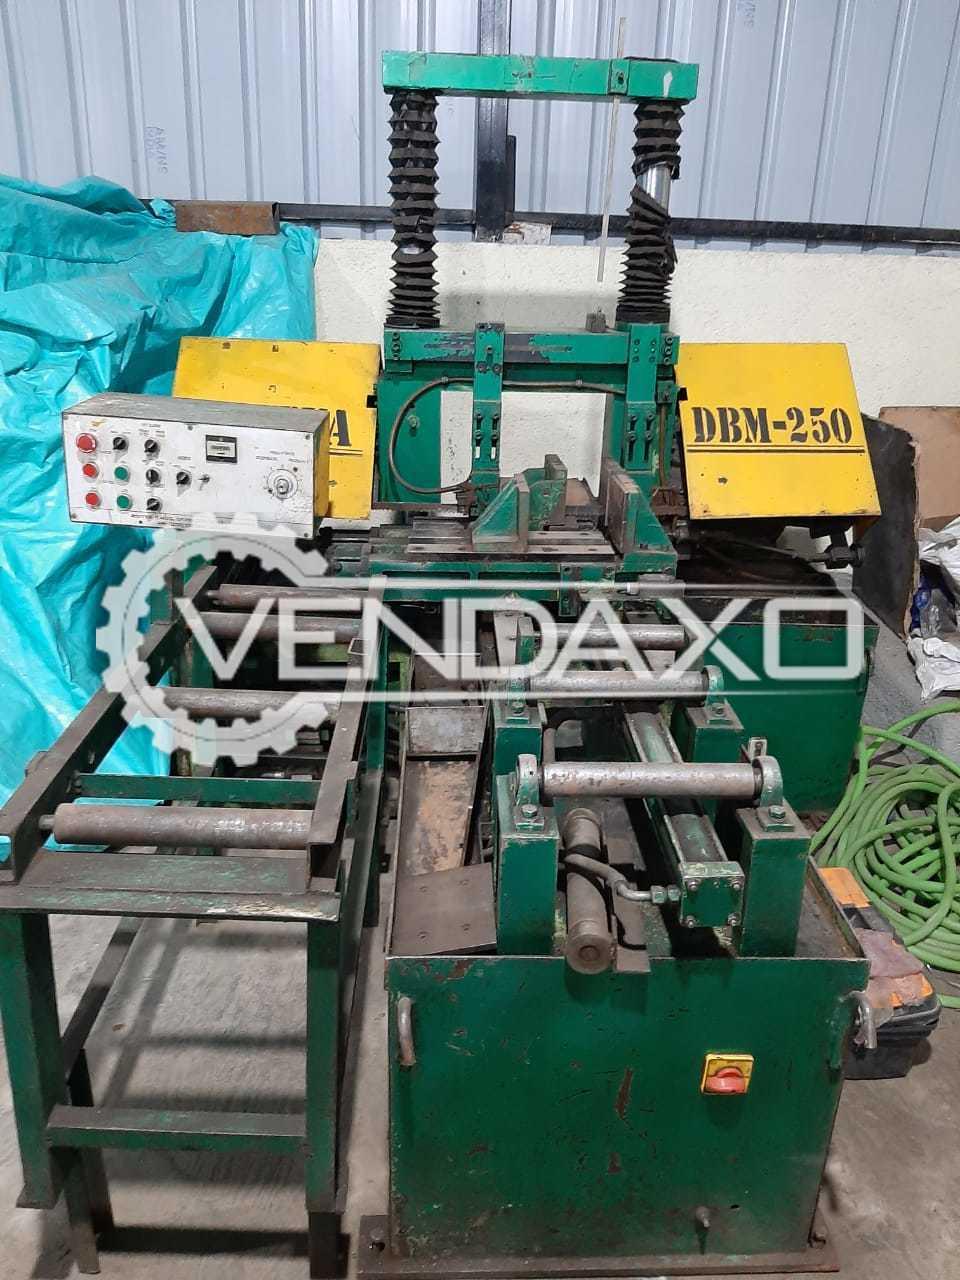 For Sale Used DBM-250 Hydraulic Bandsaw Machine - 200 mm